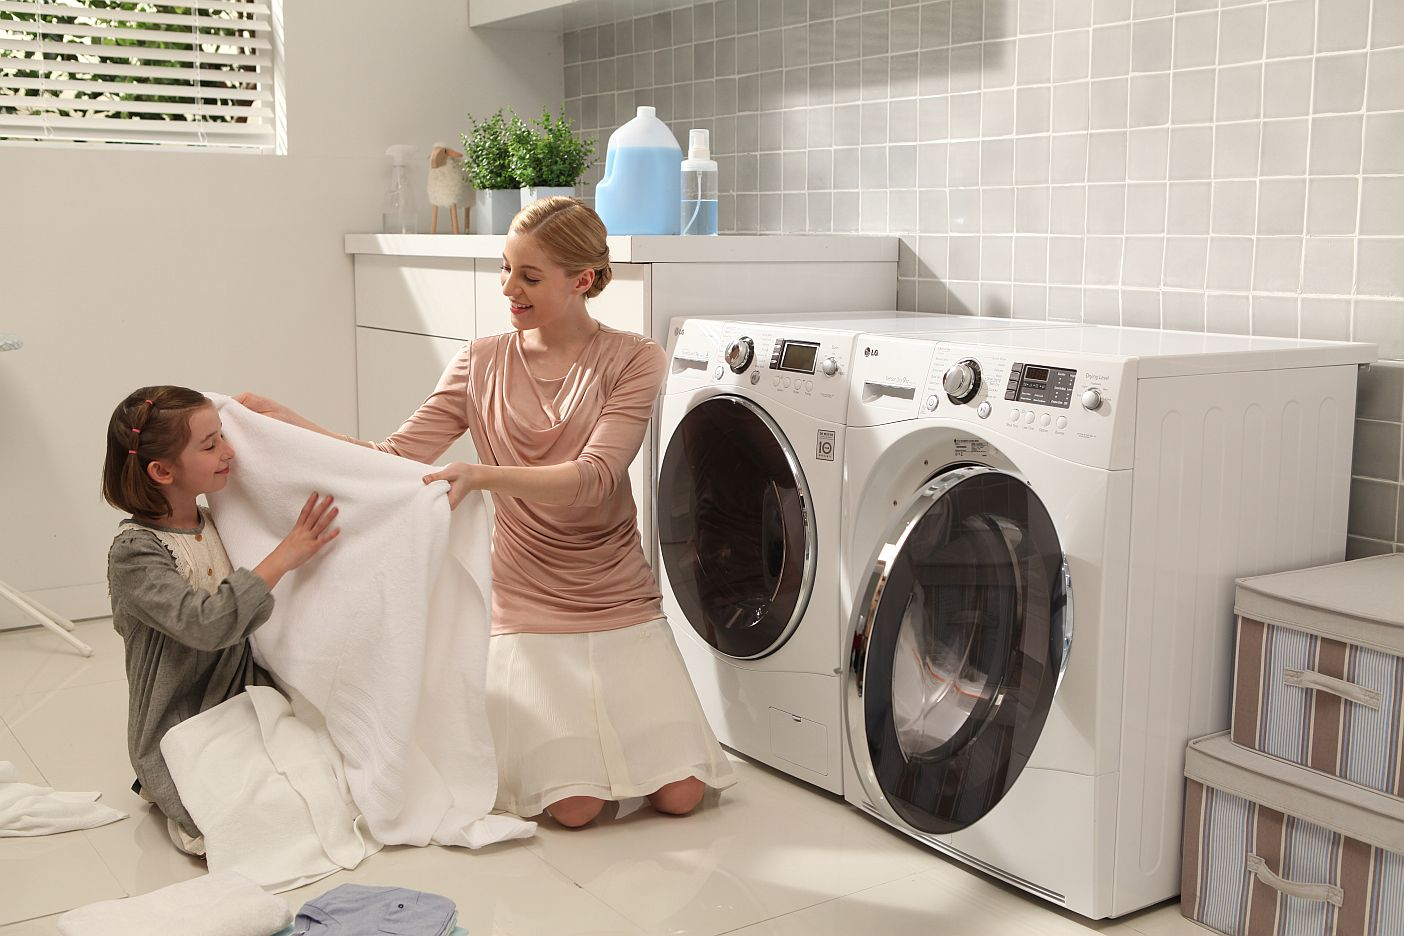 Инверторные стиральные машины: как выбрать лучшую, особенности конструкции, характеристики, на что смотреть перед покупкой, обзор популярных моделей, их плюсы и минусы